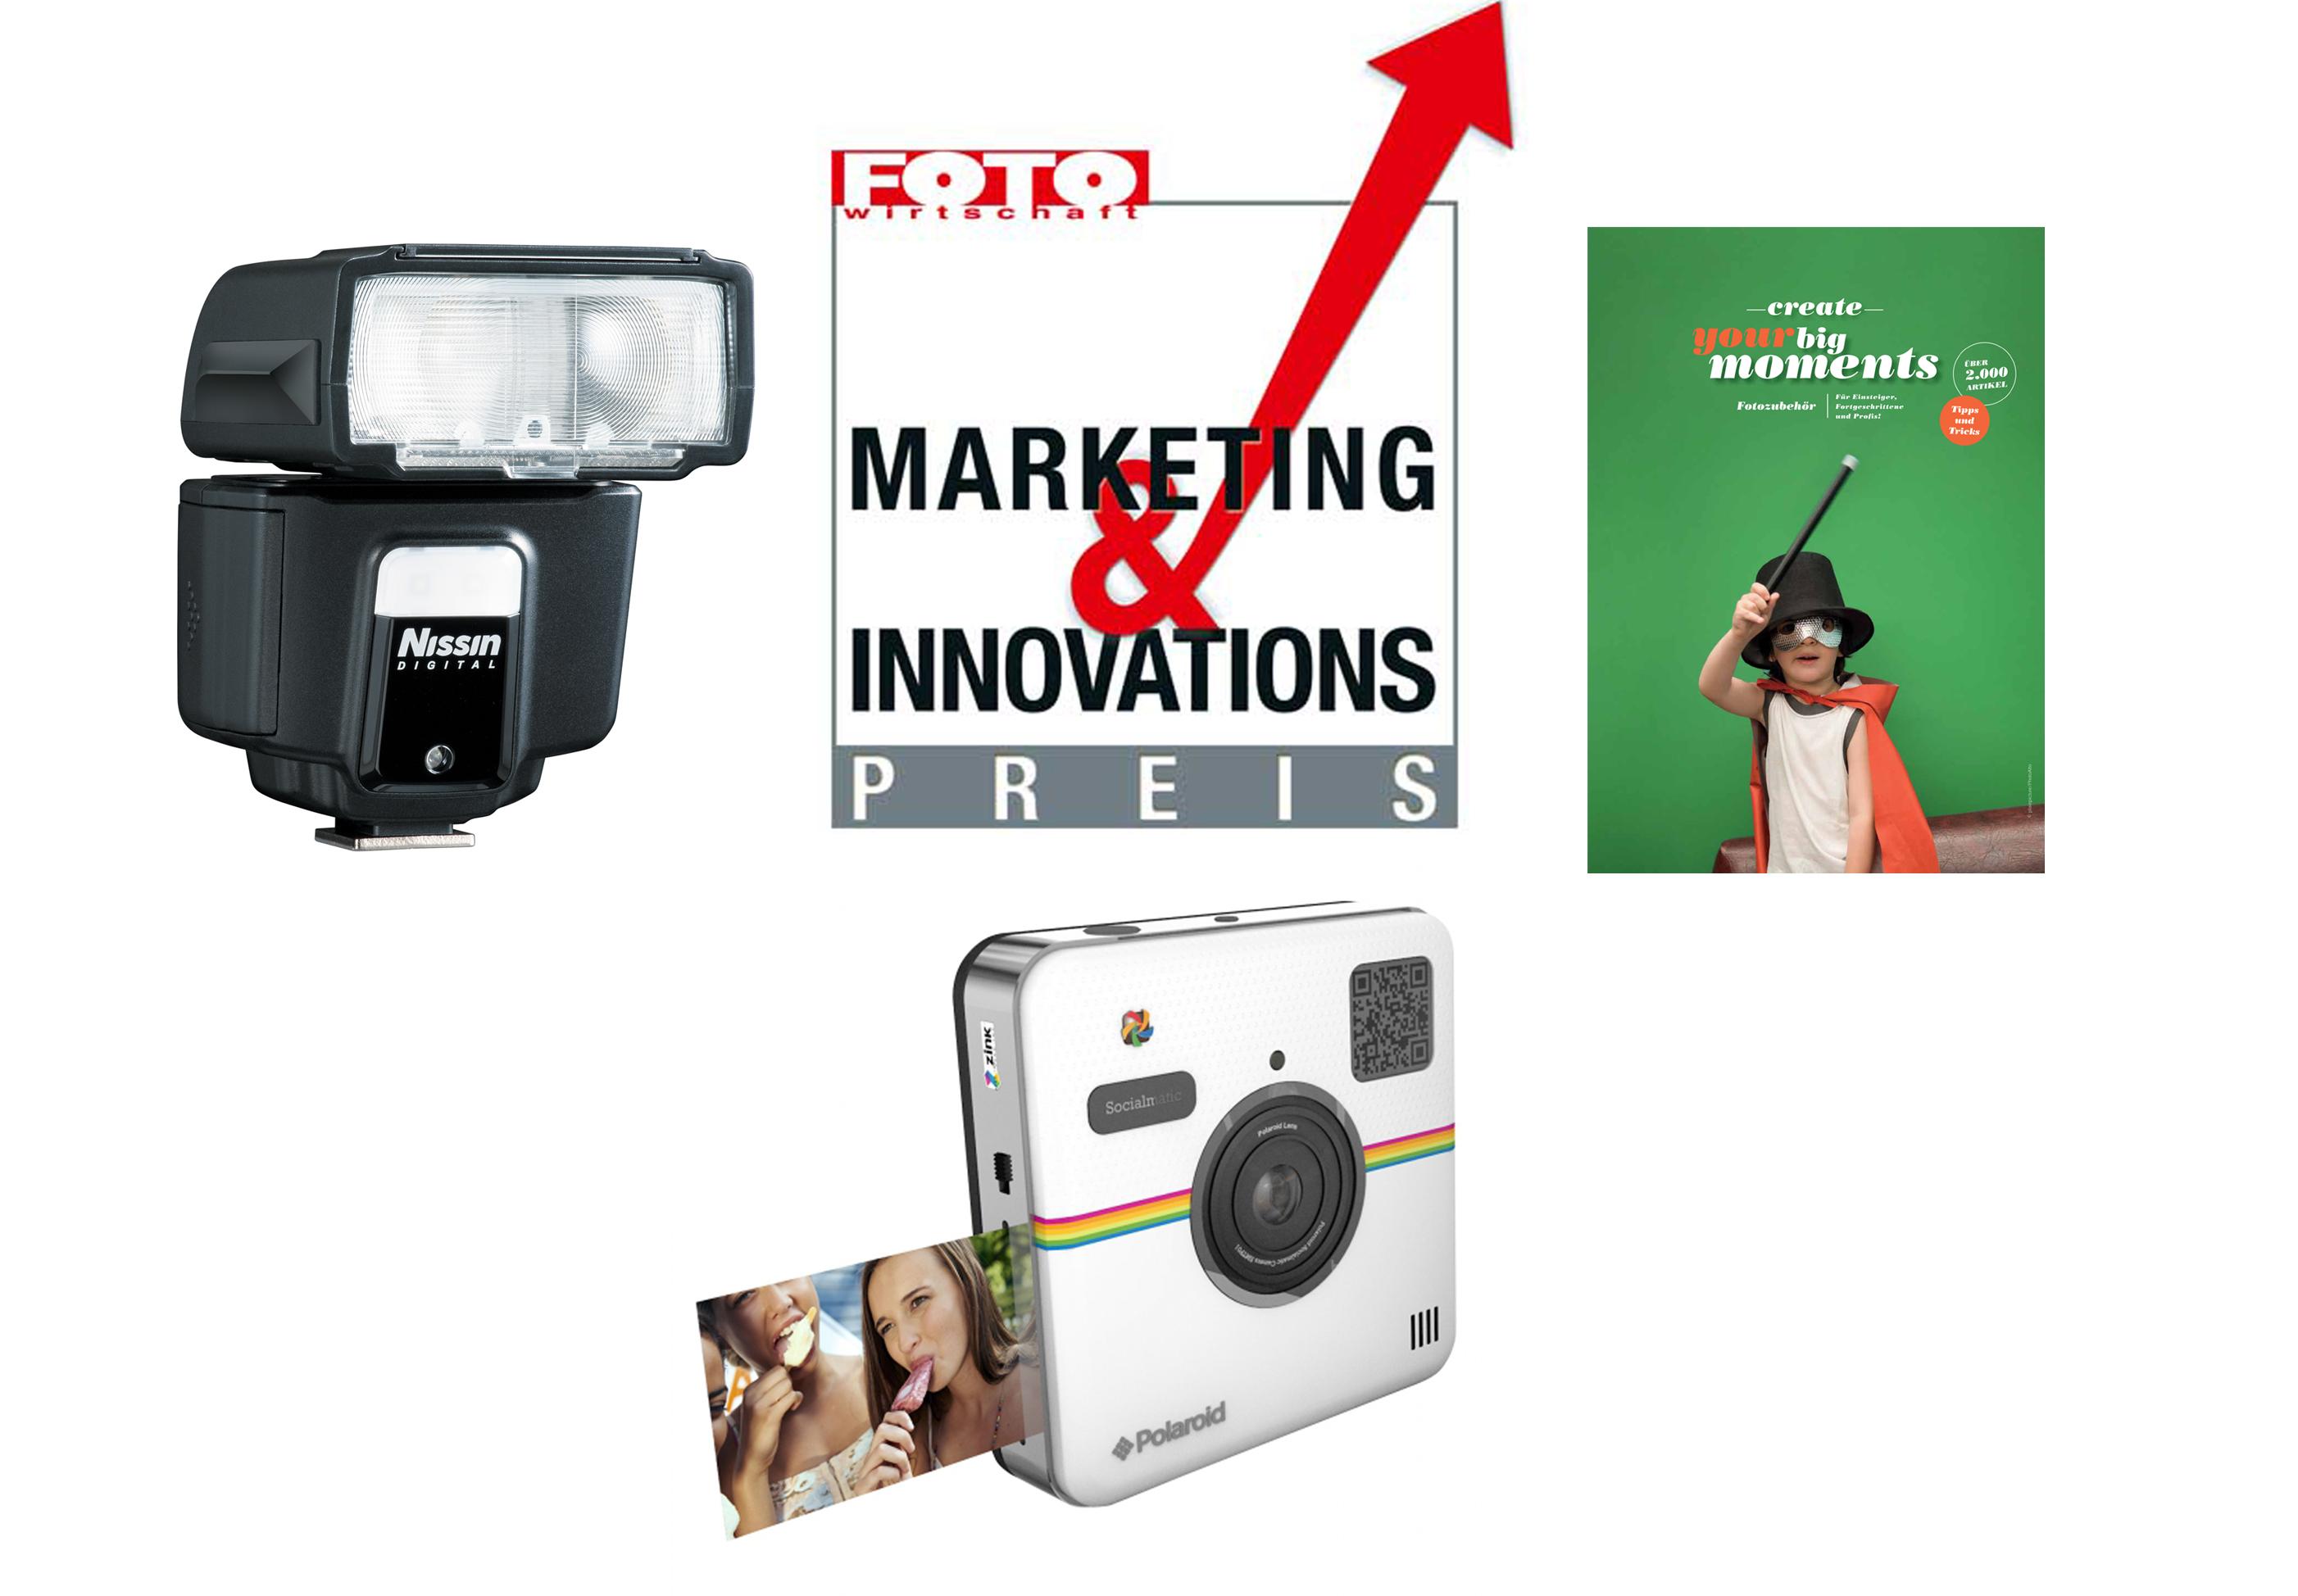 FOTOwirtschaft das Fachmagazin verleiht dem HapaTeam die Auszeichnung in 3 Kategorien.